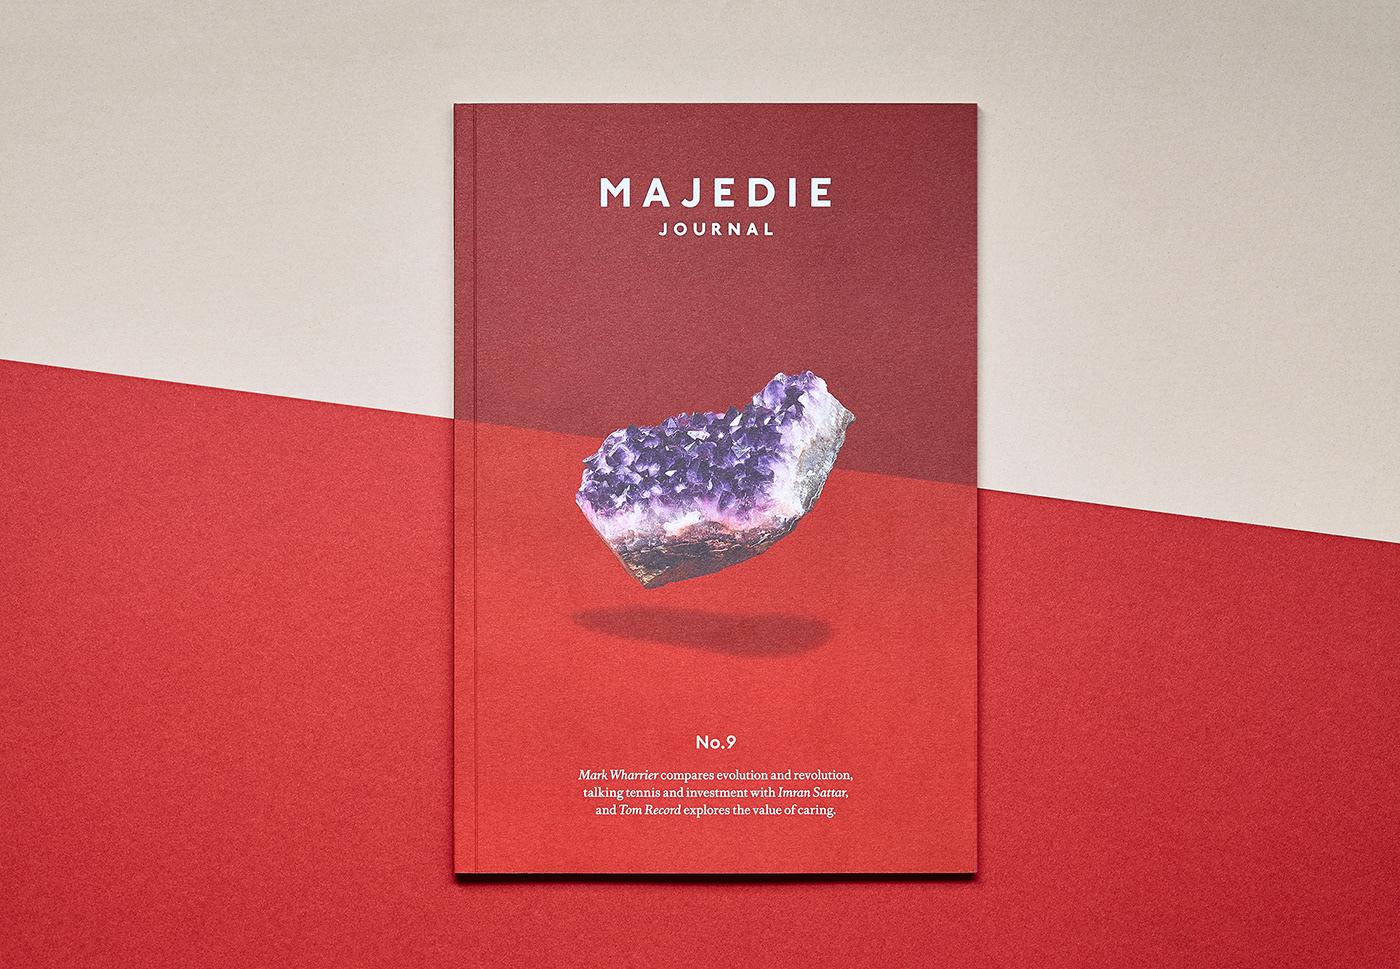 Majedie Journal